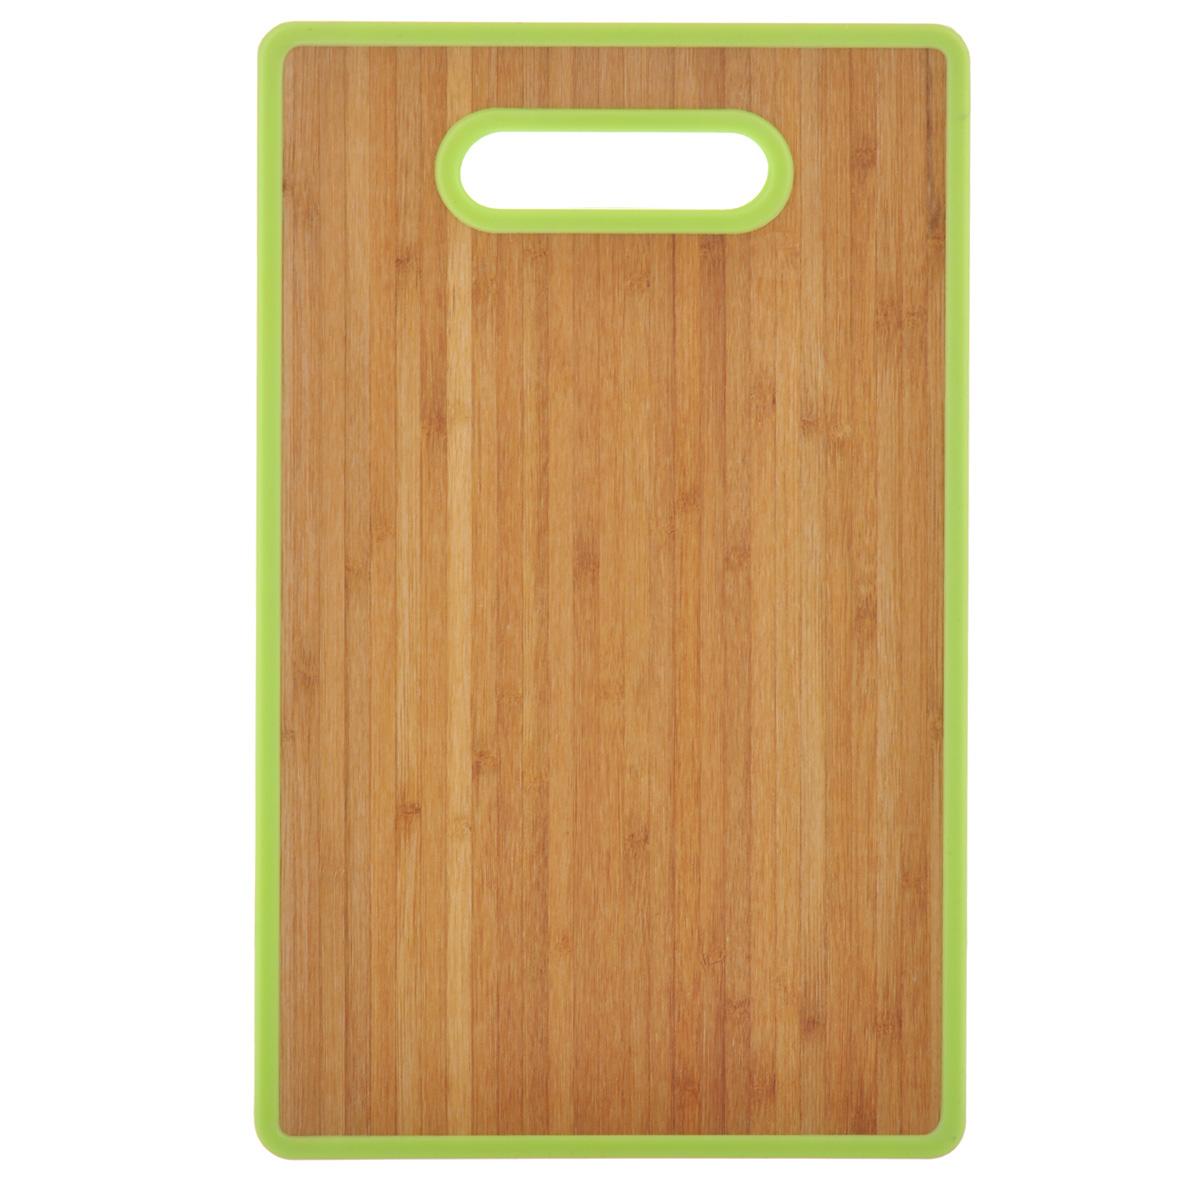 Доска разделочная Home Center, цвет: светло-зеленый, 22,5 см х 37 см10136392Разделочная доска Home Center идеально впишется в интерьер современной кухни. Изделие выполнено с одной стороны - из высококачественного пластика, с другой - из бамбука. Благодаря качественному природному материалу - древесине бамбука, доска обладает высокими гигиеничными свойствами, не впитывает влагу и запахи, имеет долгий срок службы и высокую износоустойчивость. Она прекрасно подойдет для нарезки любых продуктов. Размер доски: 22,5 см х 37 см х 1,2 см.